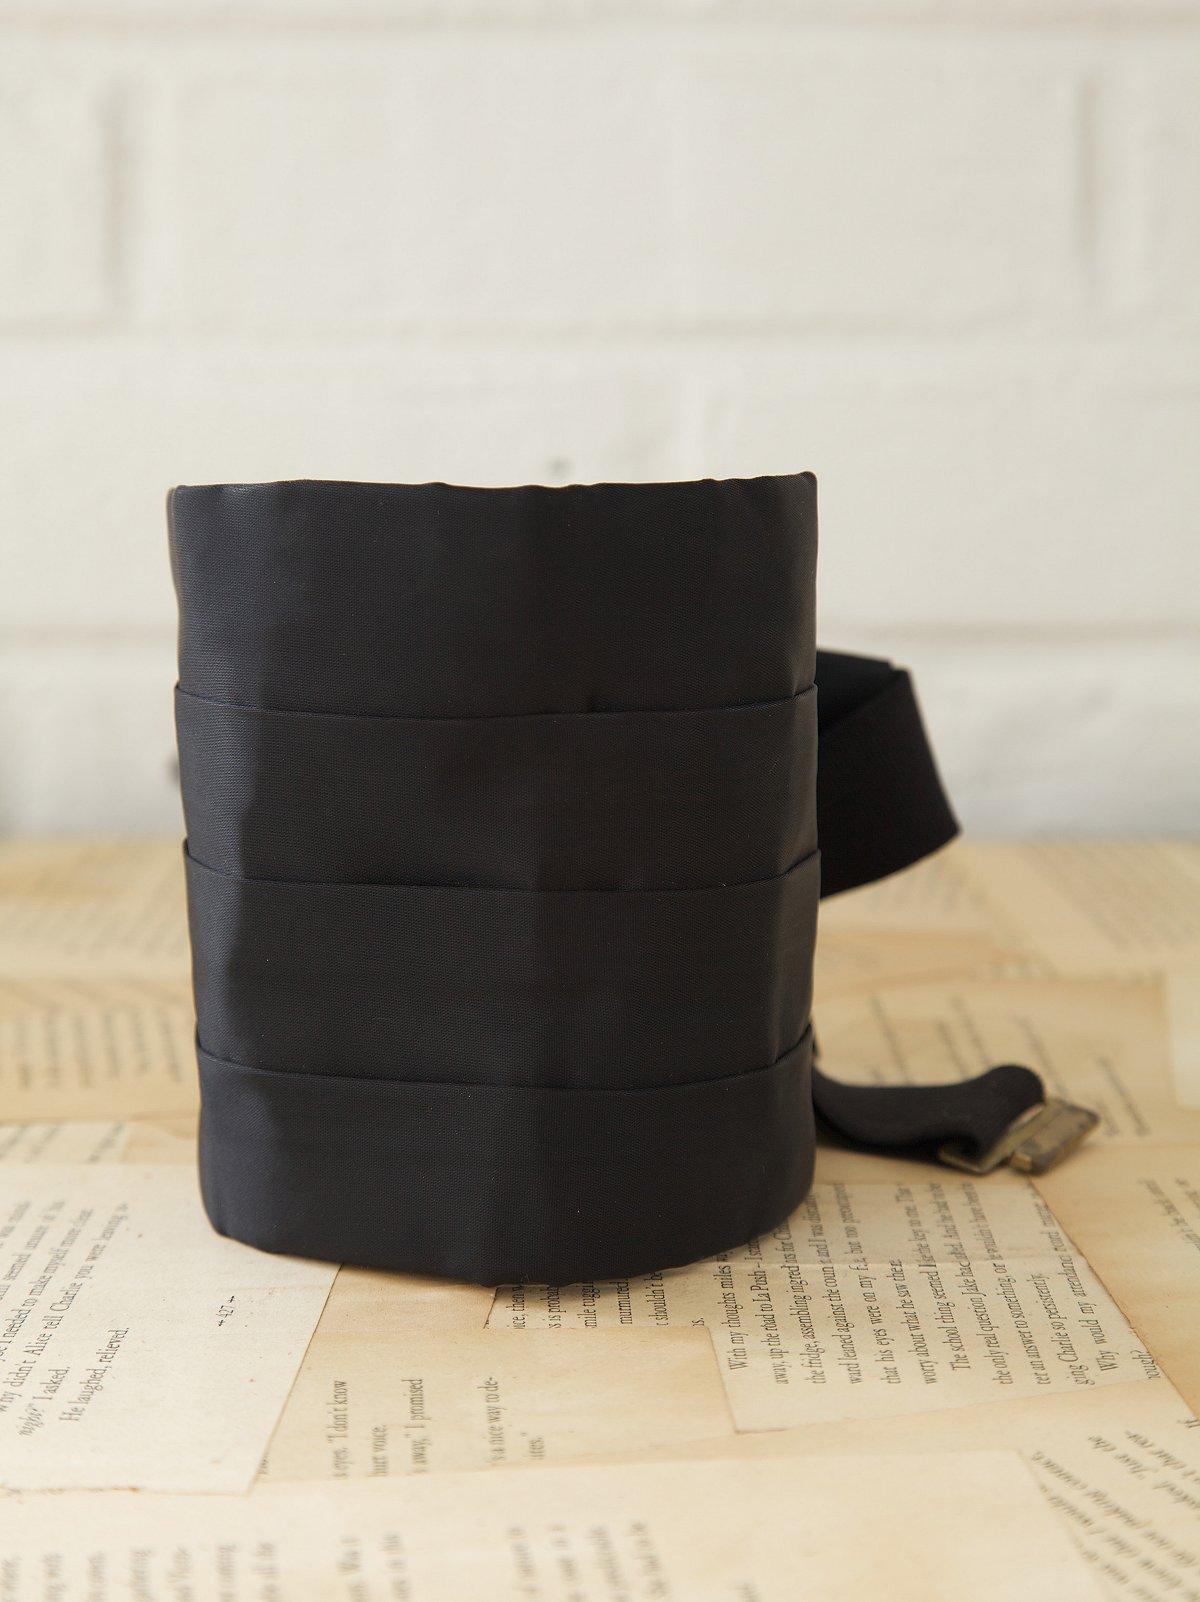 Vintage Black Cummerbund